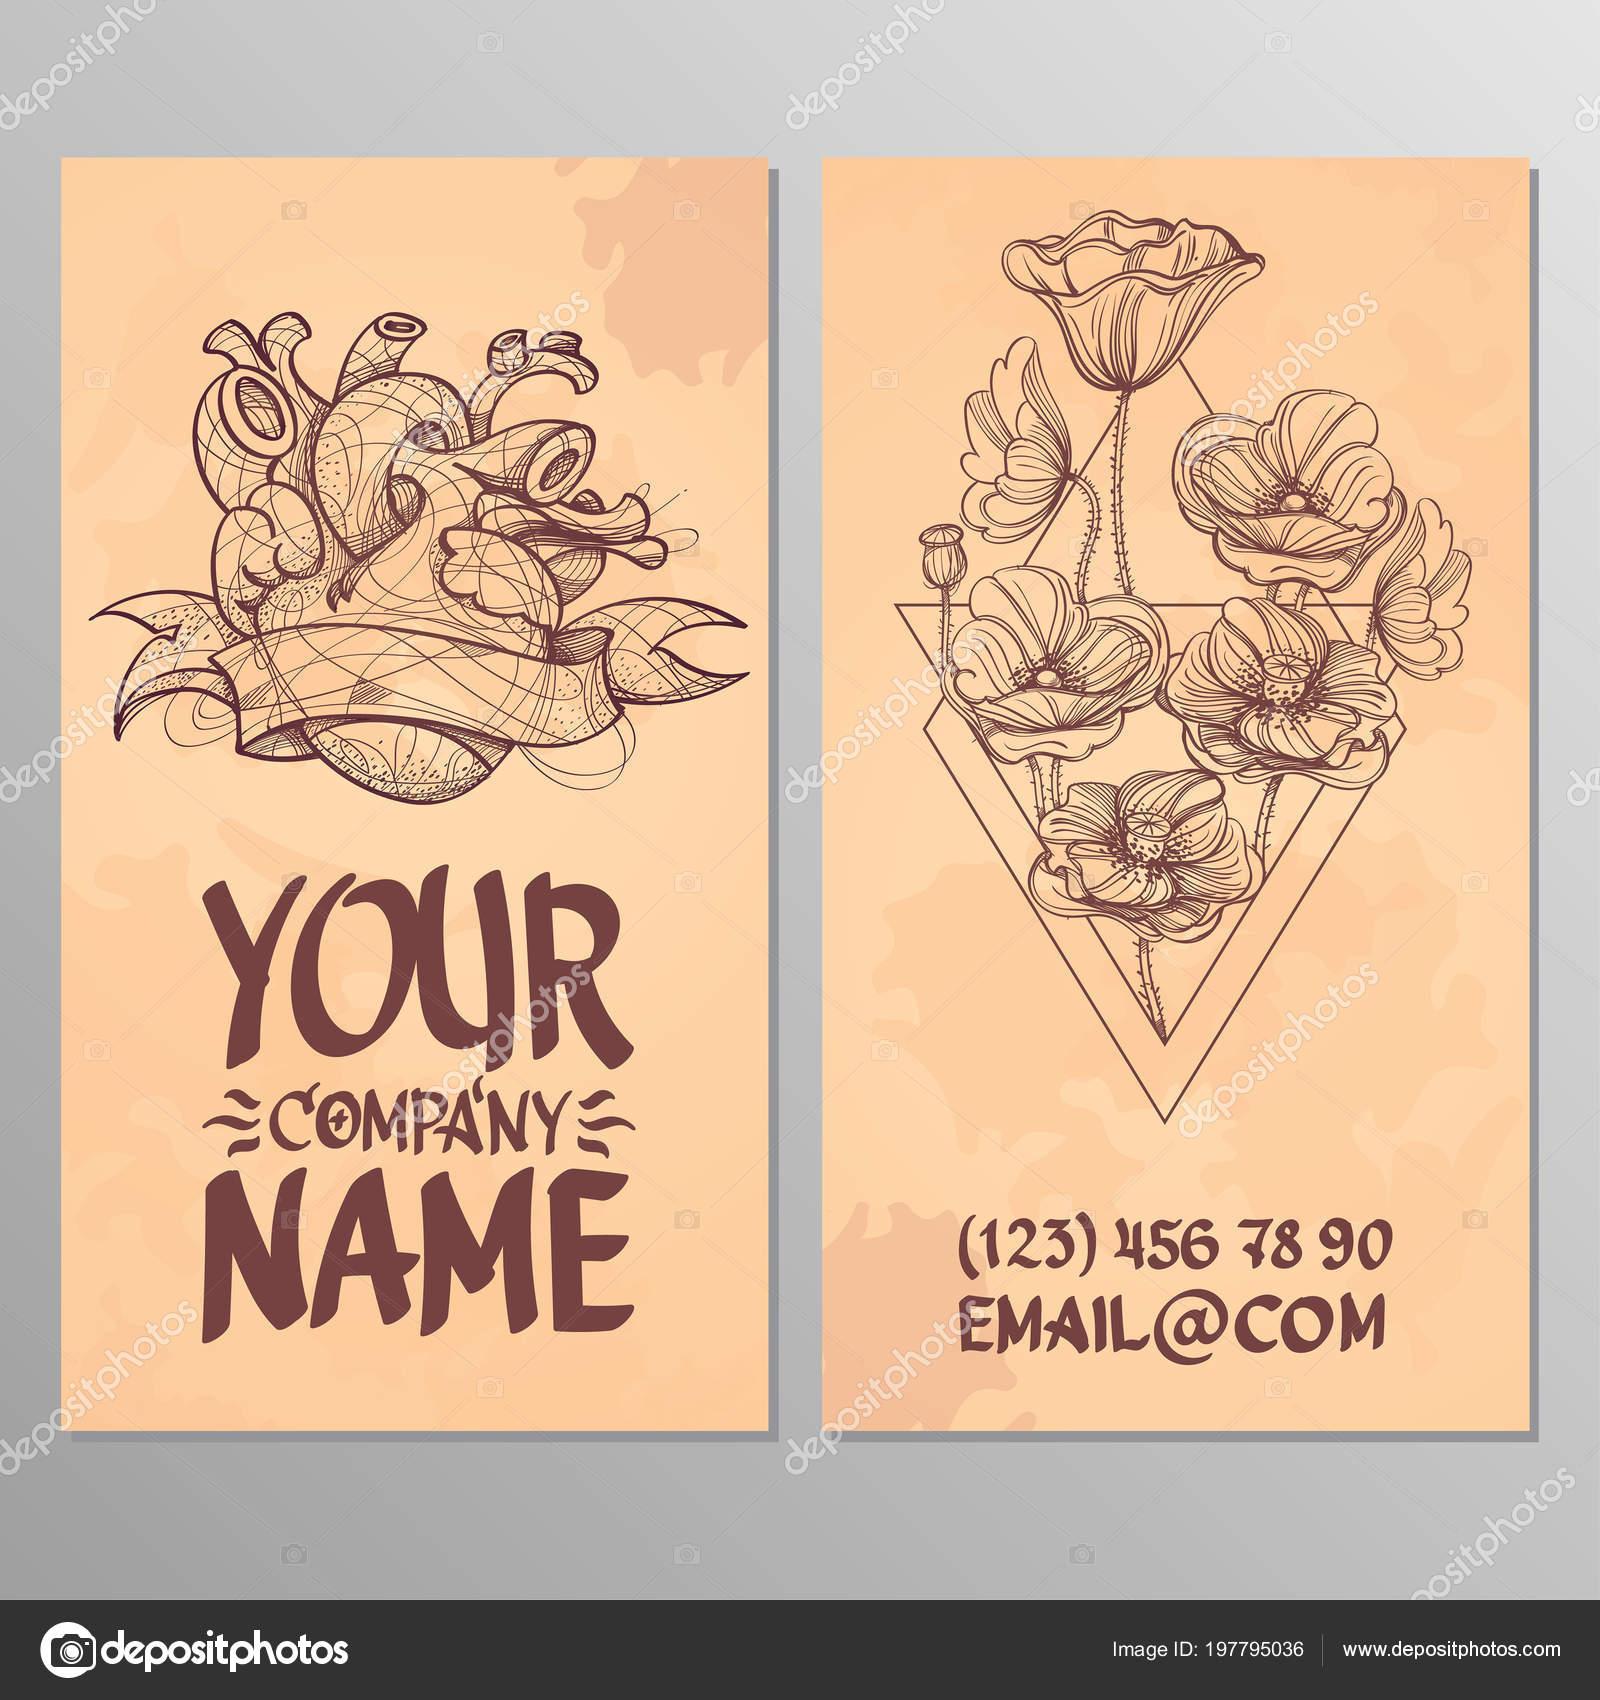 Cartes Avec Limage Du Coeur Et Des Coquelicots Modles Permettant De Crer Visite Affiches Pages Publicitaires Vecteur Par Filkusto